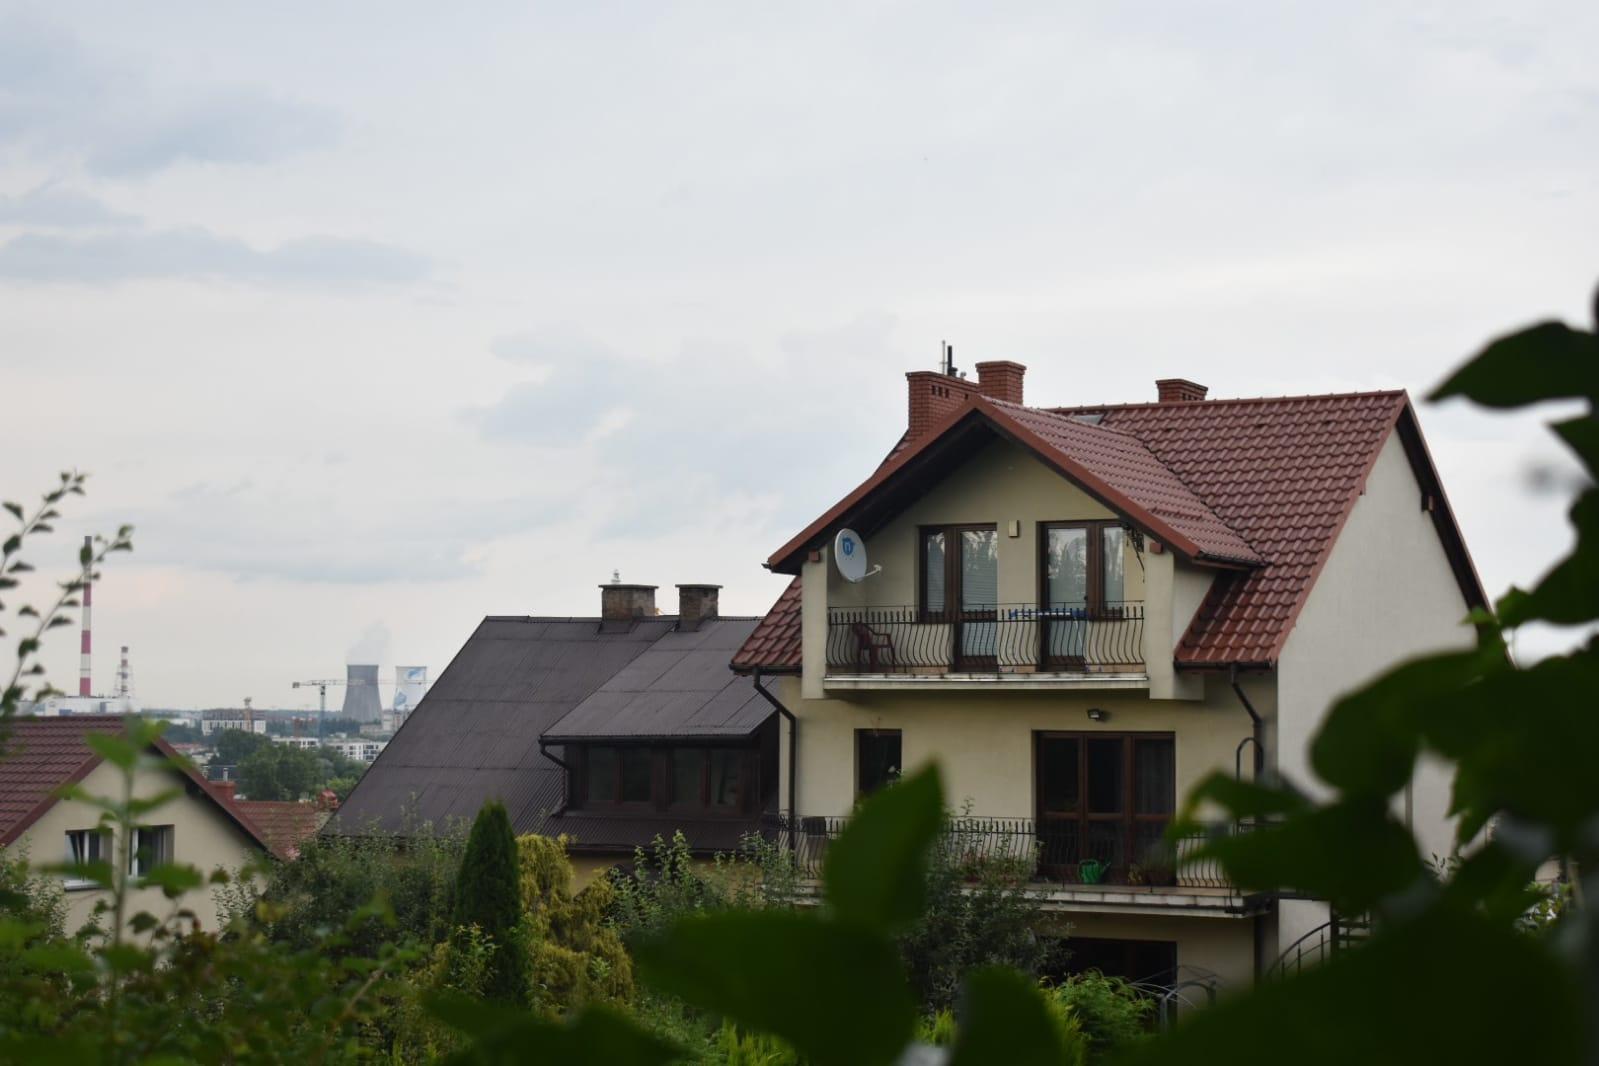 casa - balcón - cielo - ventana